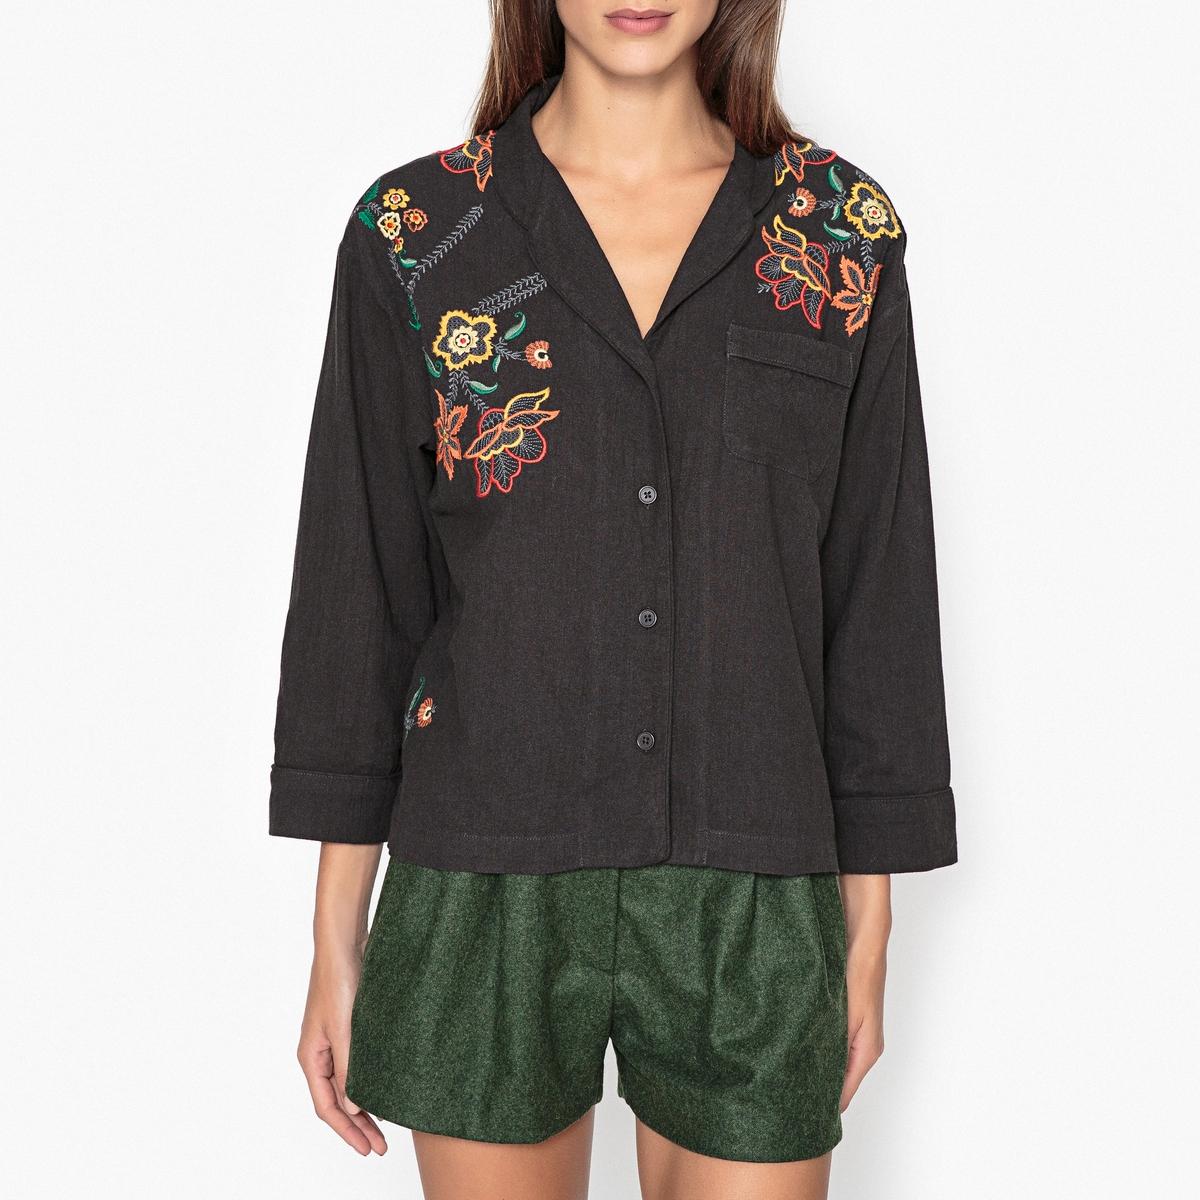 Рубашка короткая из шелка BOUM